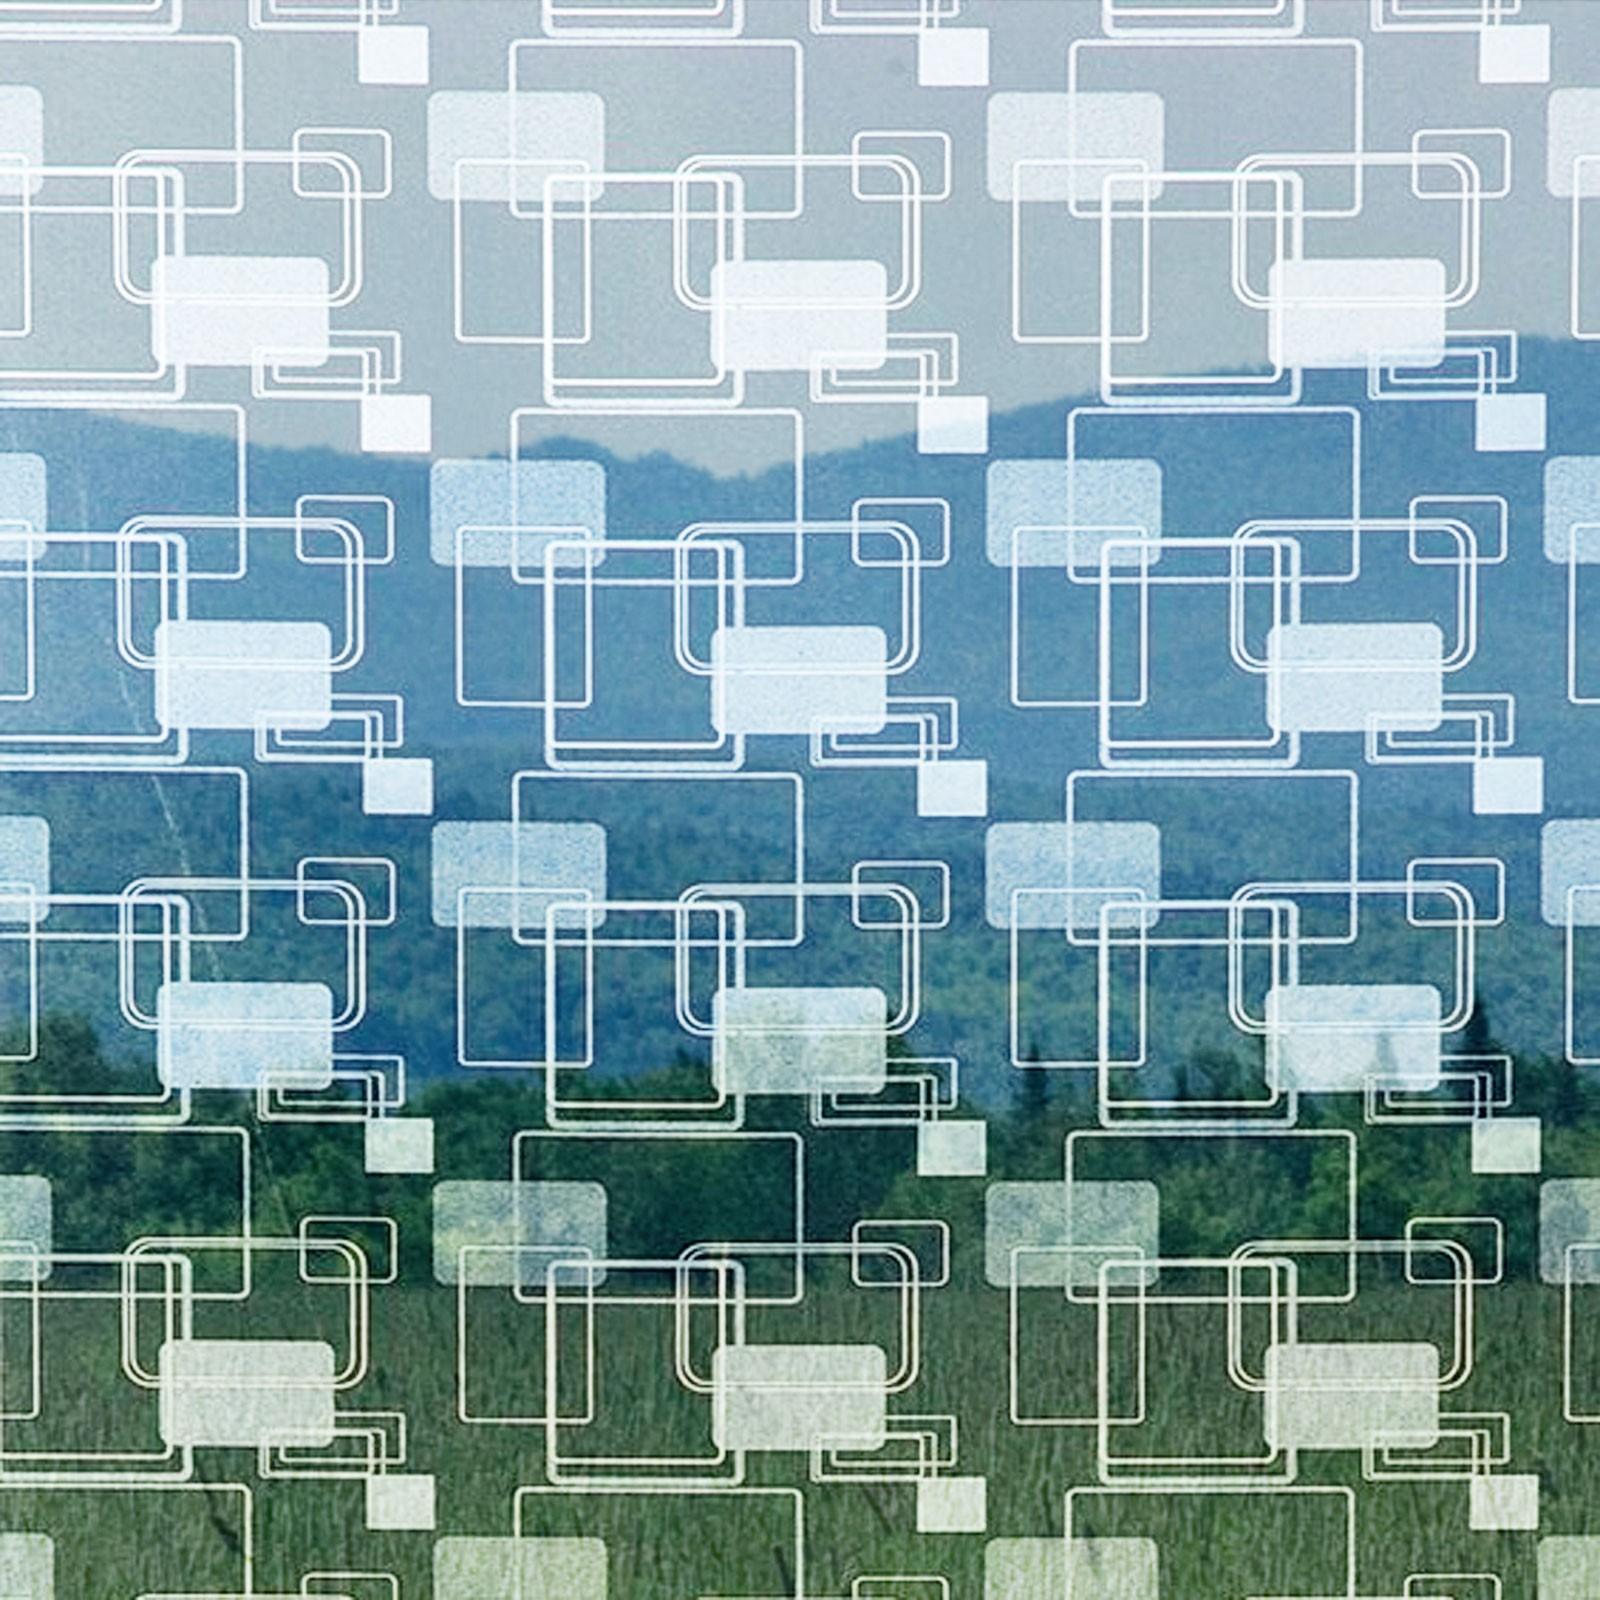 Full Size of Folien Für Fenster Folie Retro Wei Daytonde Einbruchsicherung Schüco Gardinen Küche Plissee Gebrauchte Kaufen Fliegengitter Maßanfertigung Sonnenschutz Fenster Folien Für Fenster